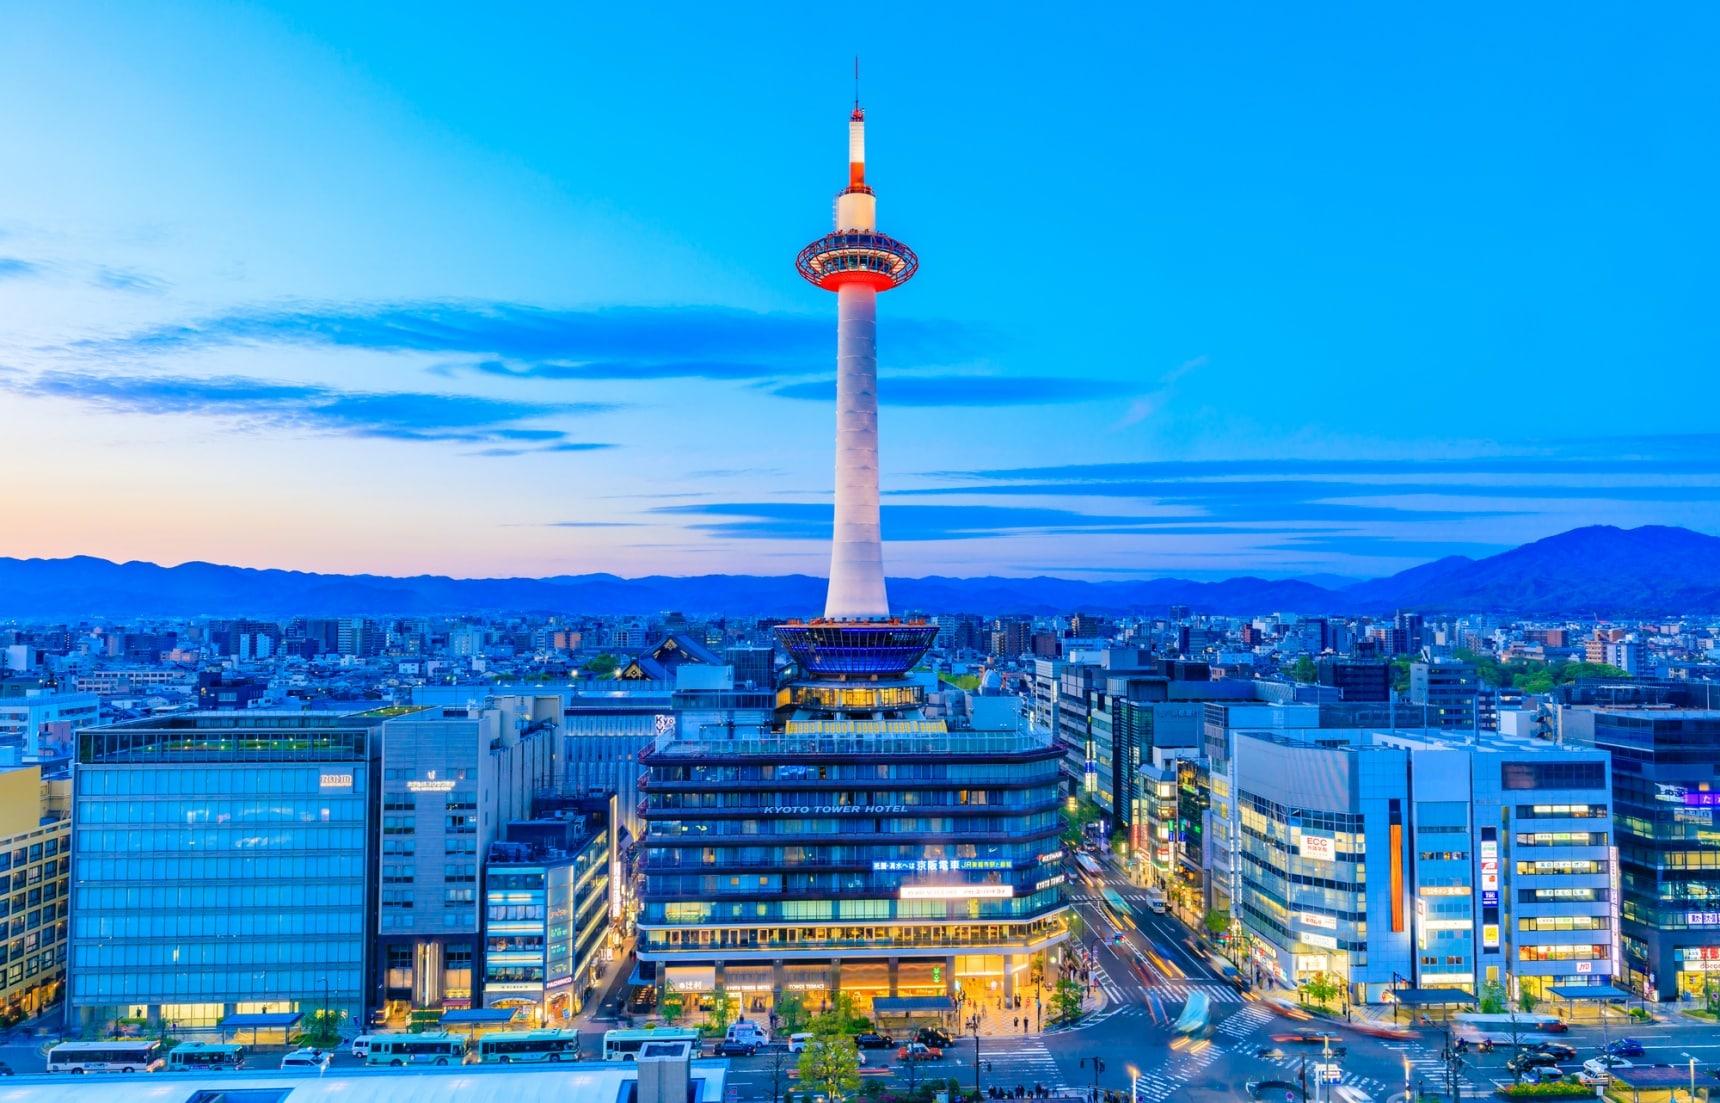 【京都自由行】只要稍微了解京都的歷史背景,下次就不用帶導遊啦